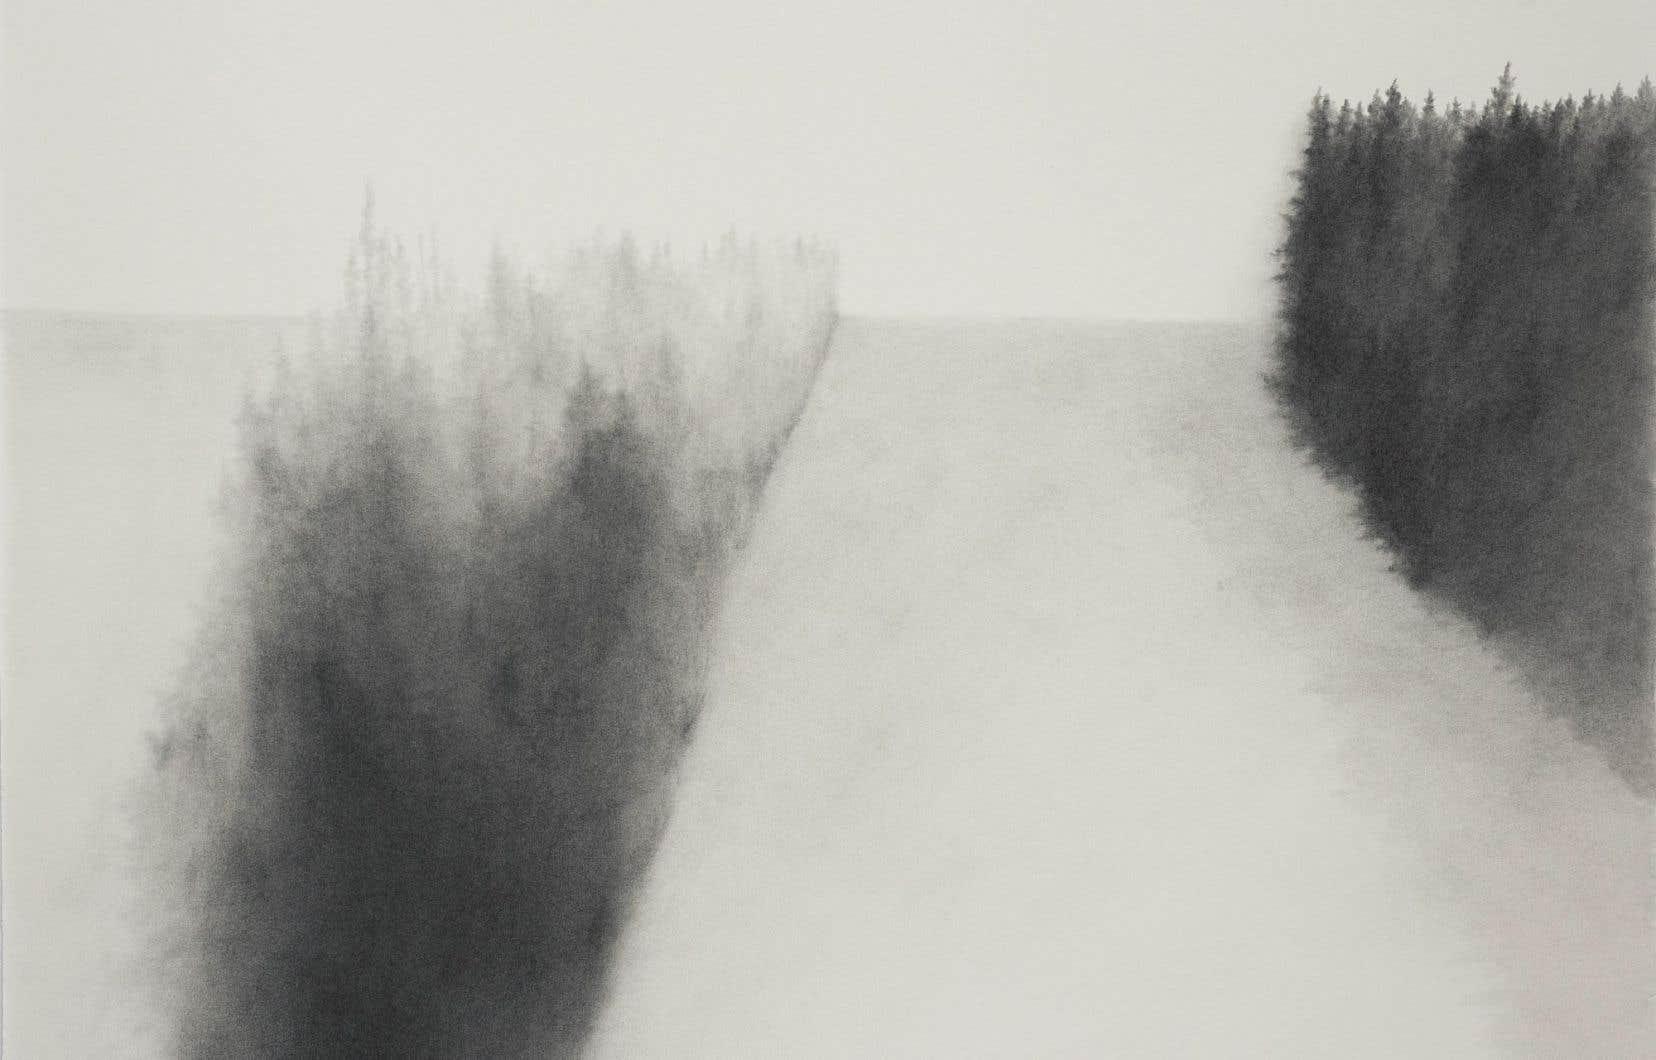 Andréanne Godin, no 1 de la série Descriptions de paysages, 2015 (poudre de graphite sur papier Arches, 61 x 61cm)